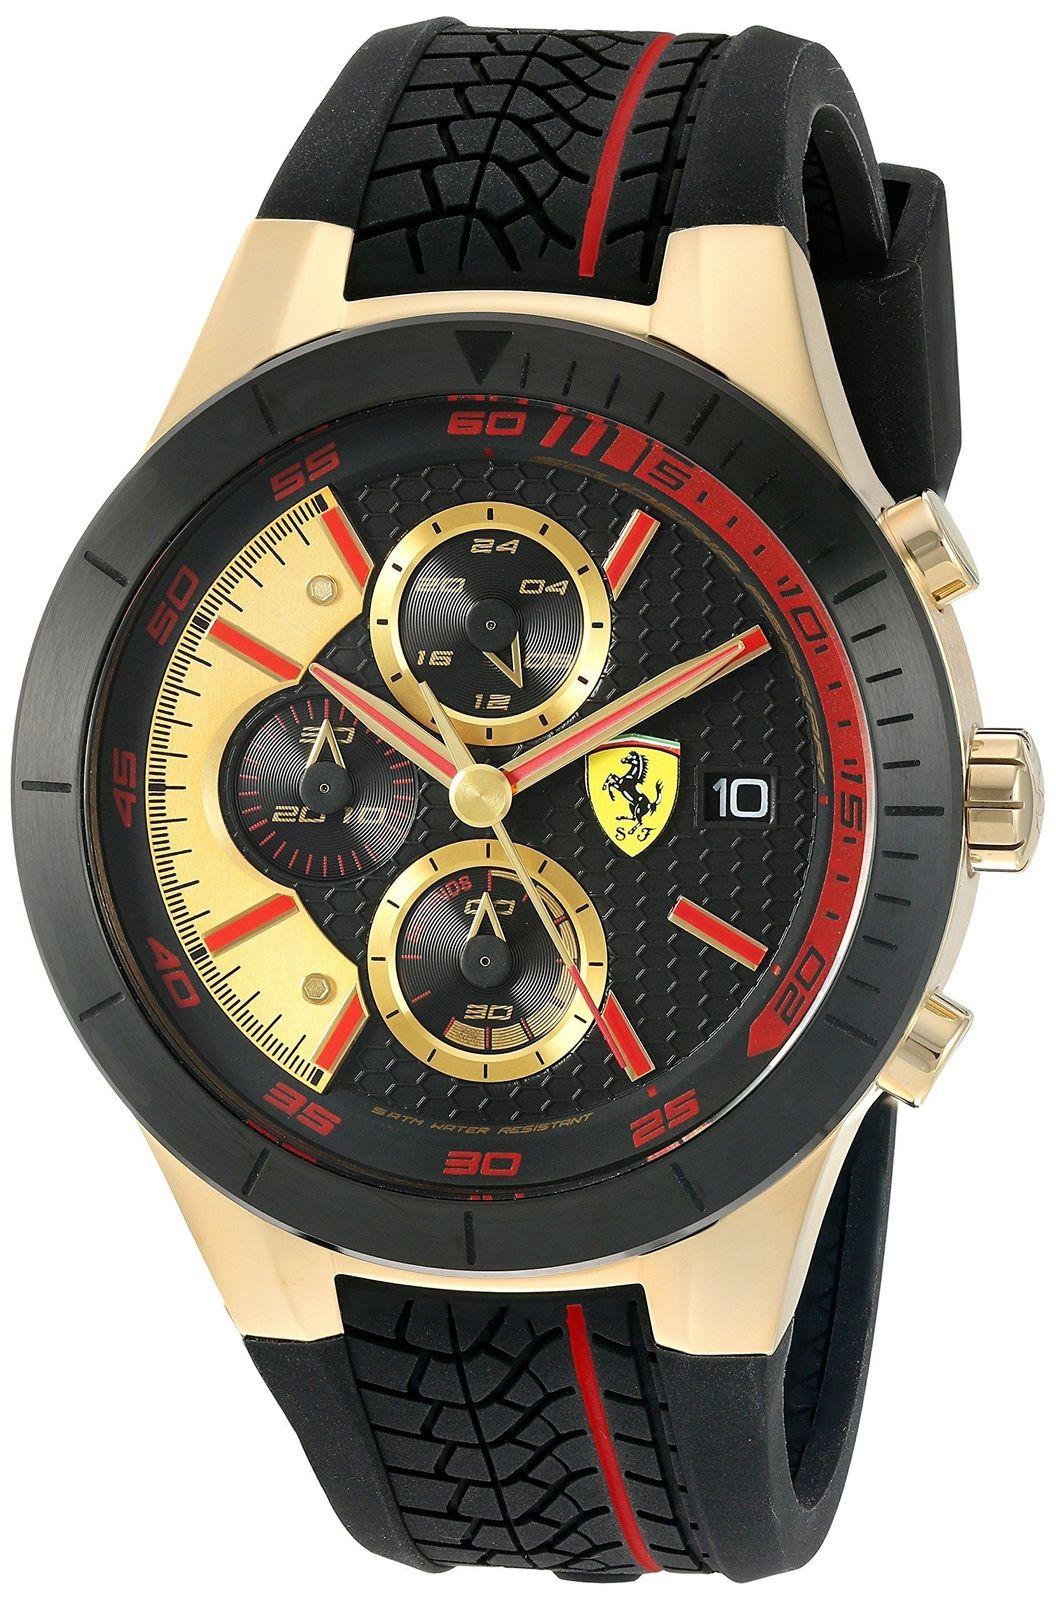 นาฬิกาผู้ชาย Ferrari รุ่น 0830298, RedRev Evo